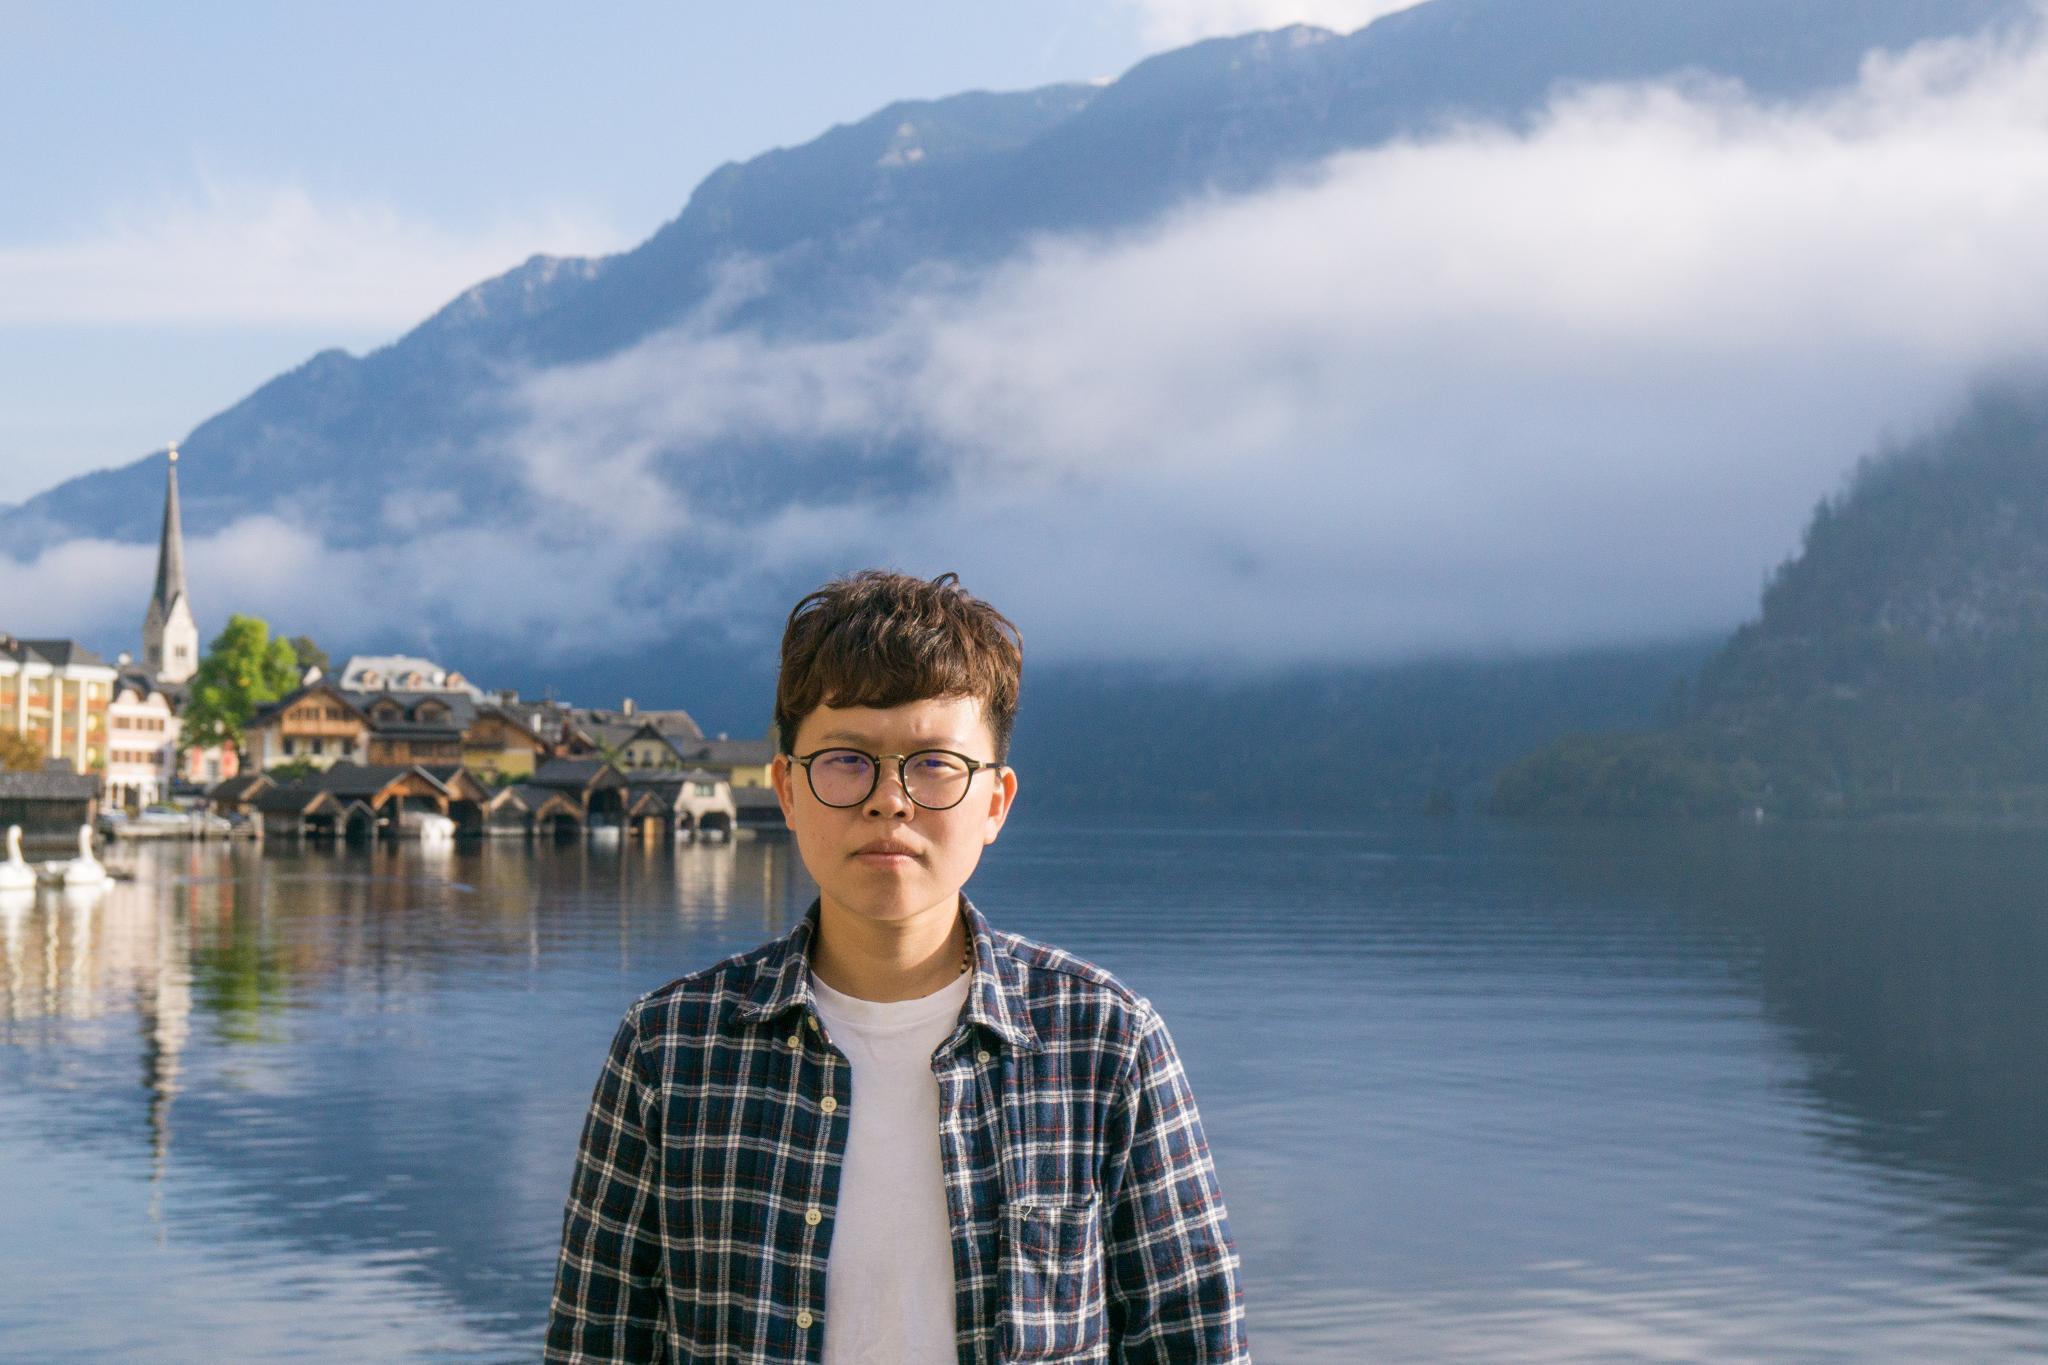 【奧地利】童話仙境 Hallstatt 哈修塔特 — 追逐世界遺產小鎮的夢幻黃金日出 24